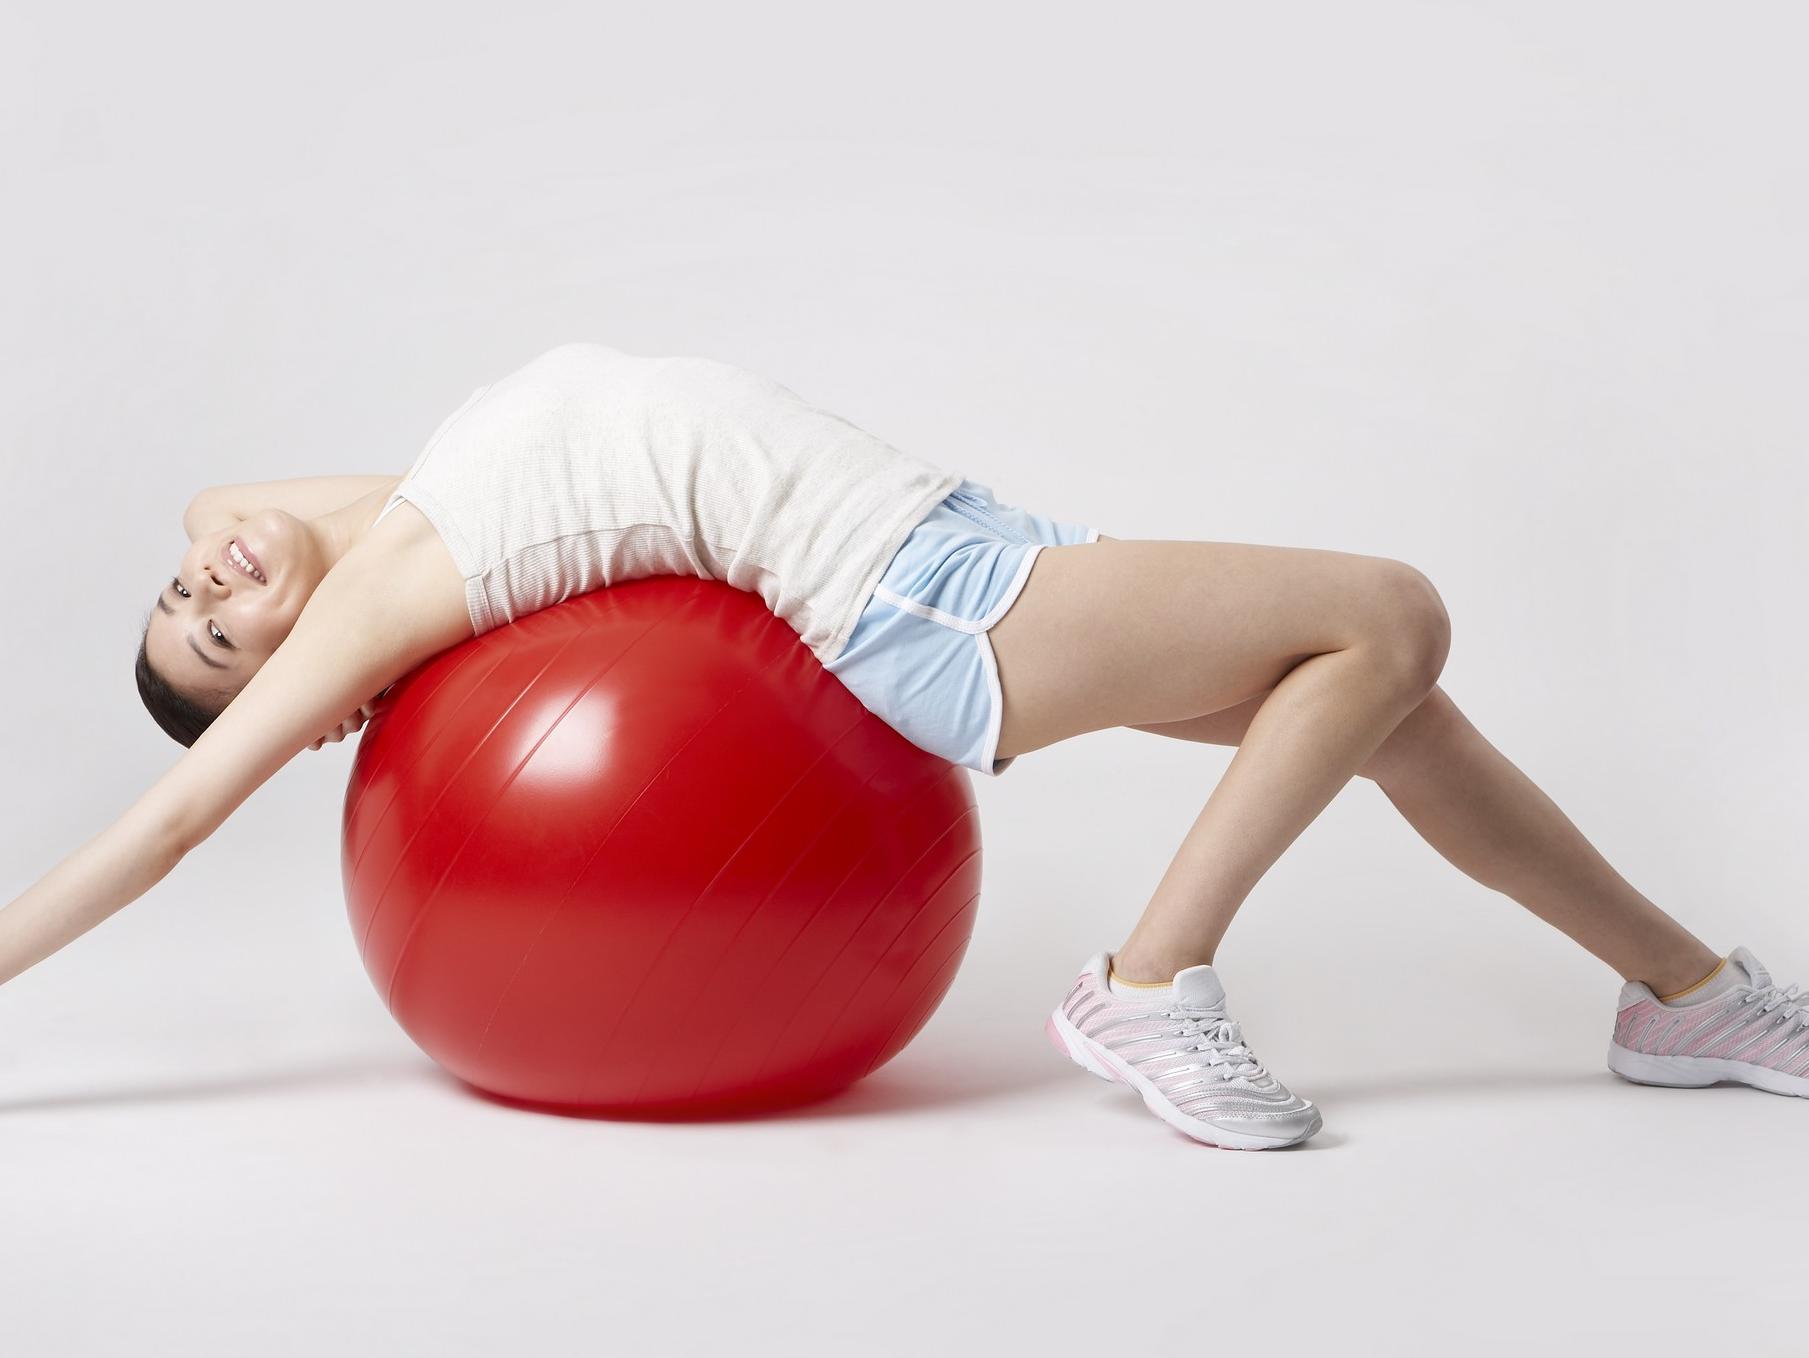 """怎么治疗腰椎间盘突出疼痛才能好的更快"""""""